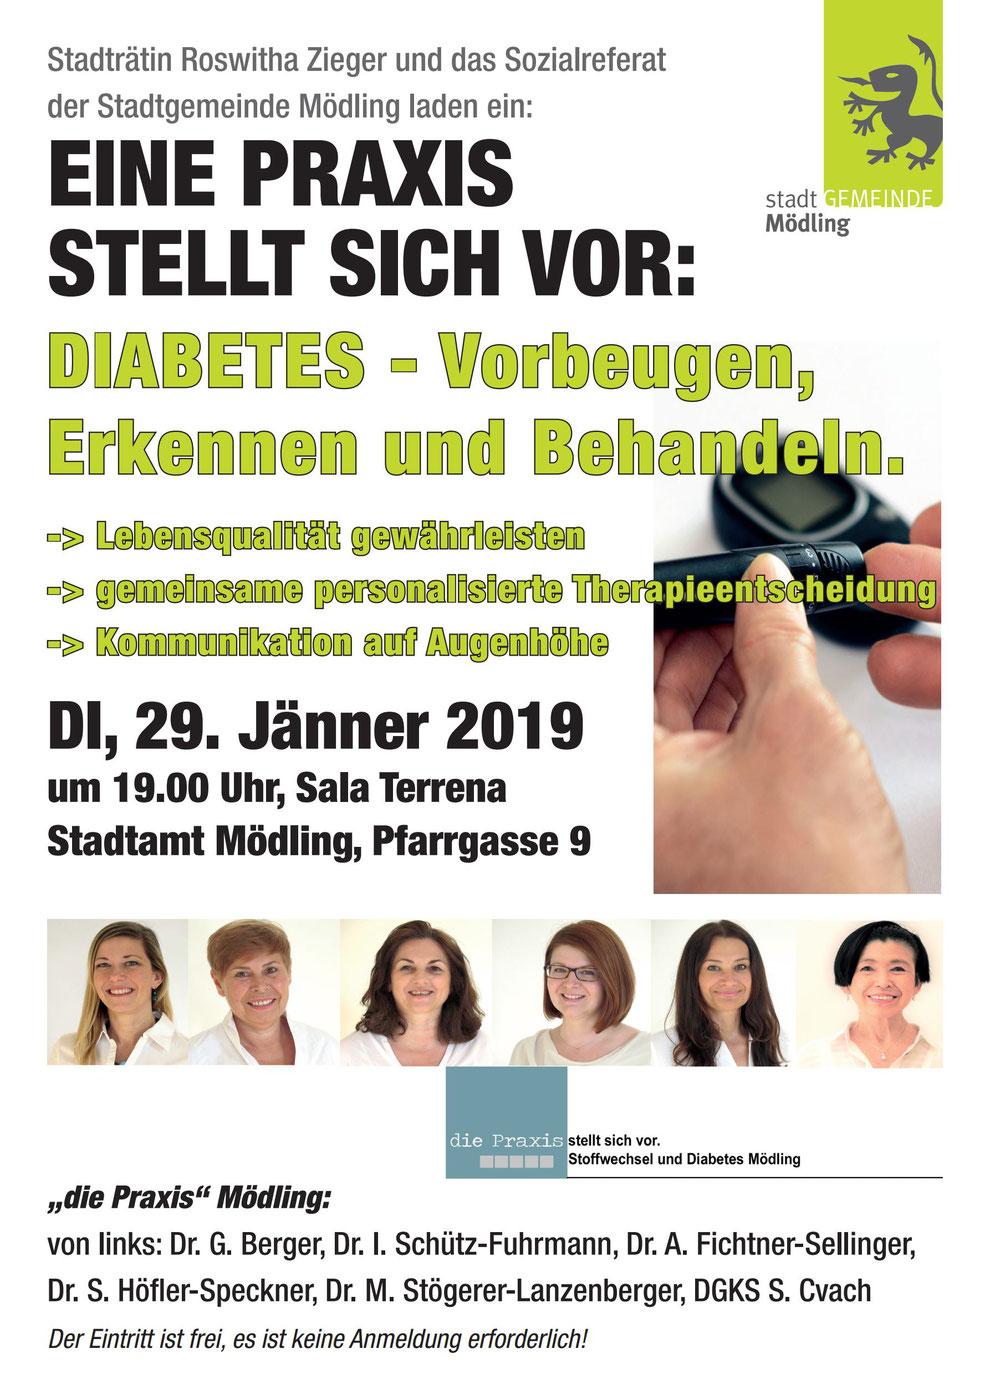 Vortrag Diabetes Mödling Roswitha Zieger Stadträtin Sozialreferat Stadtgemeinde Sala Terrena Stadtamt